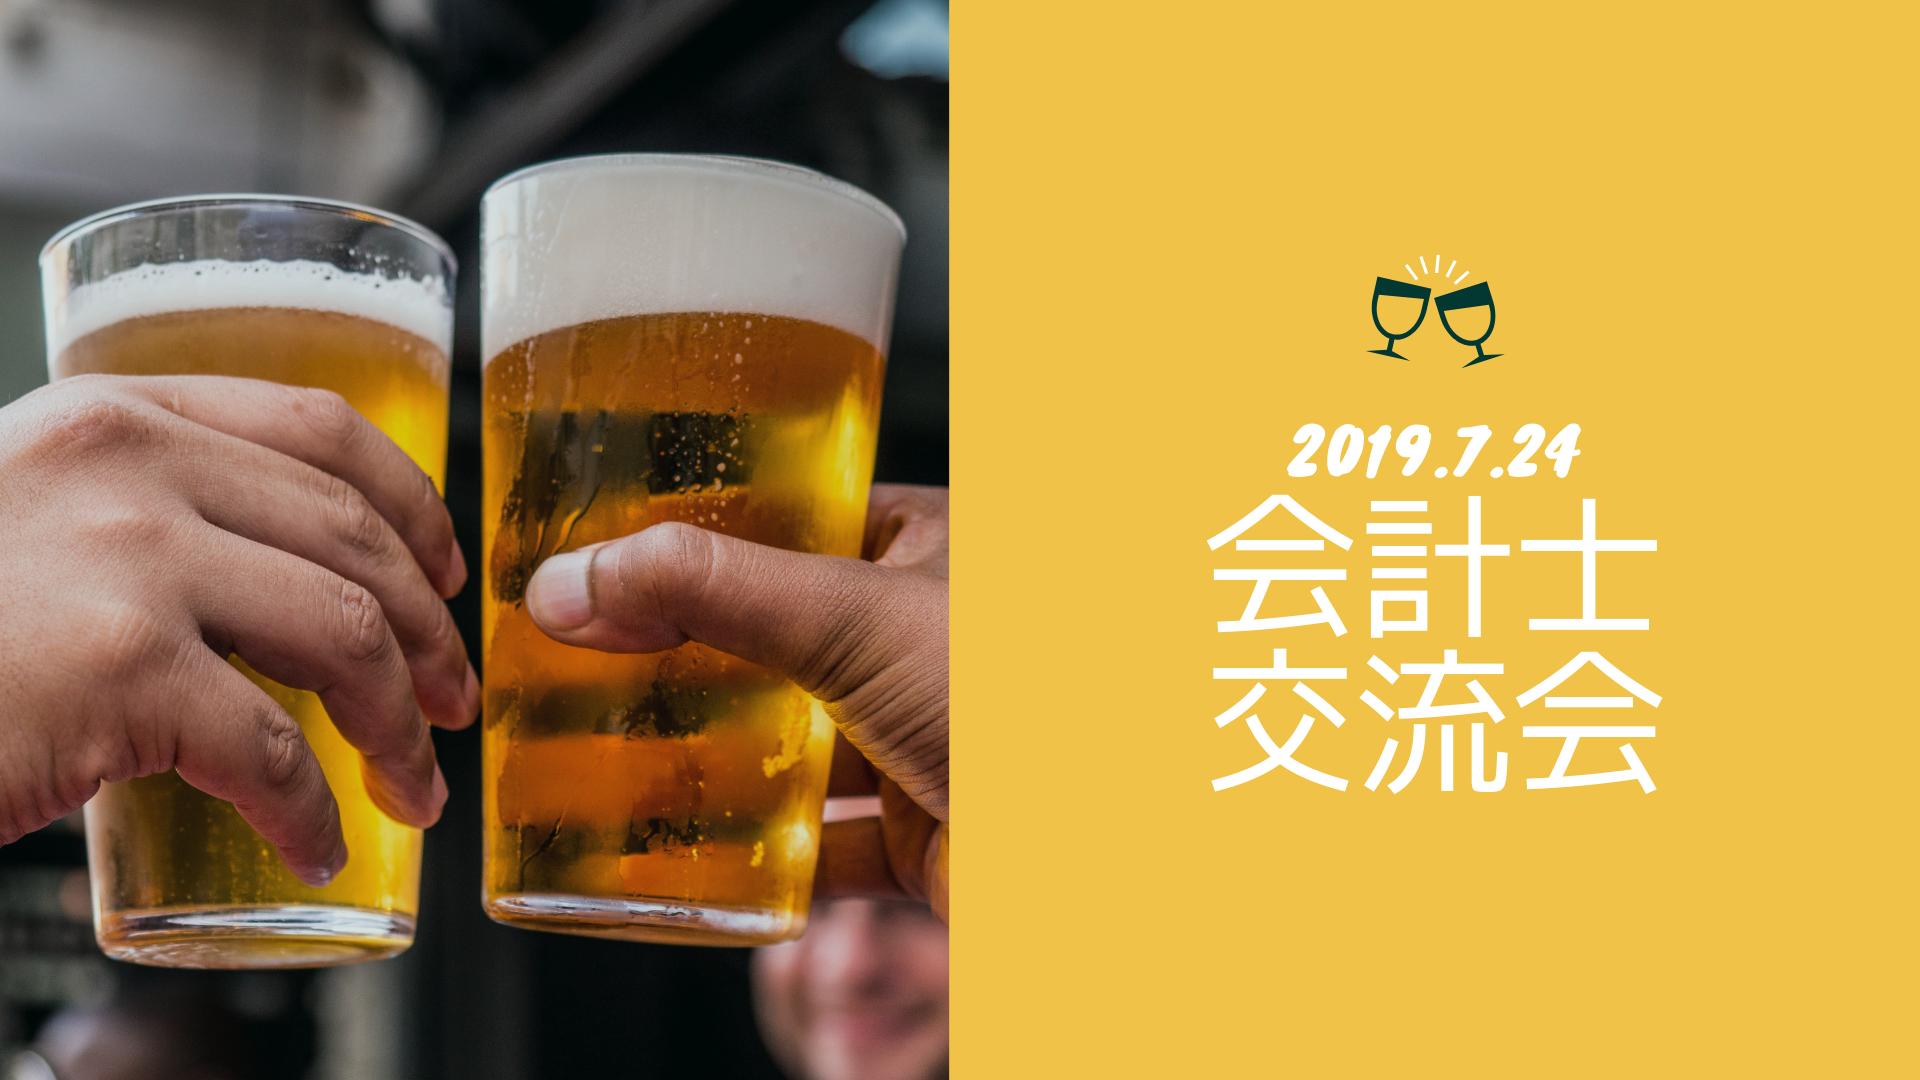 【7月24日開催】若手会計士向け交流会